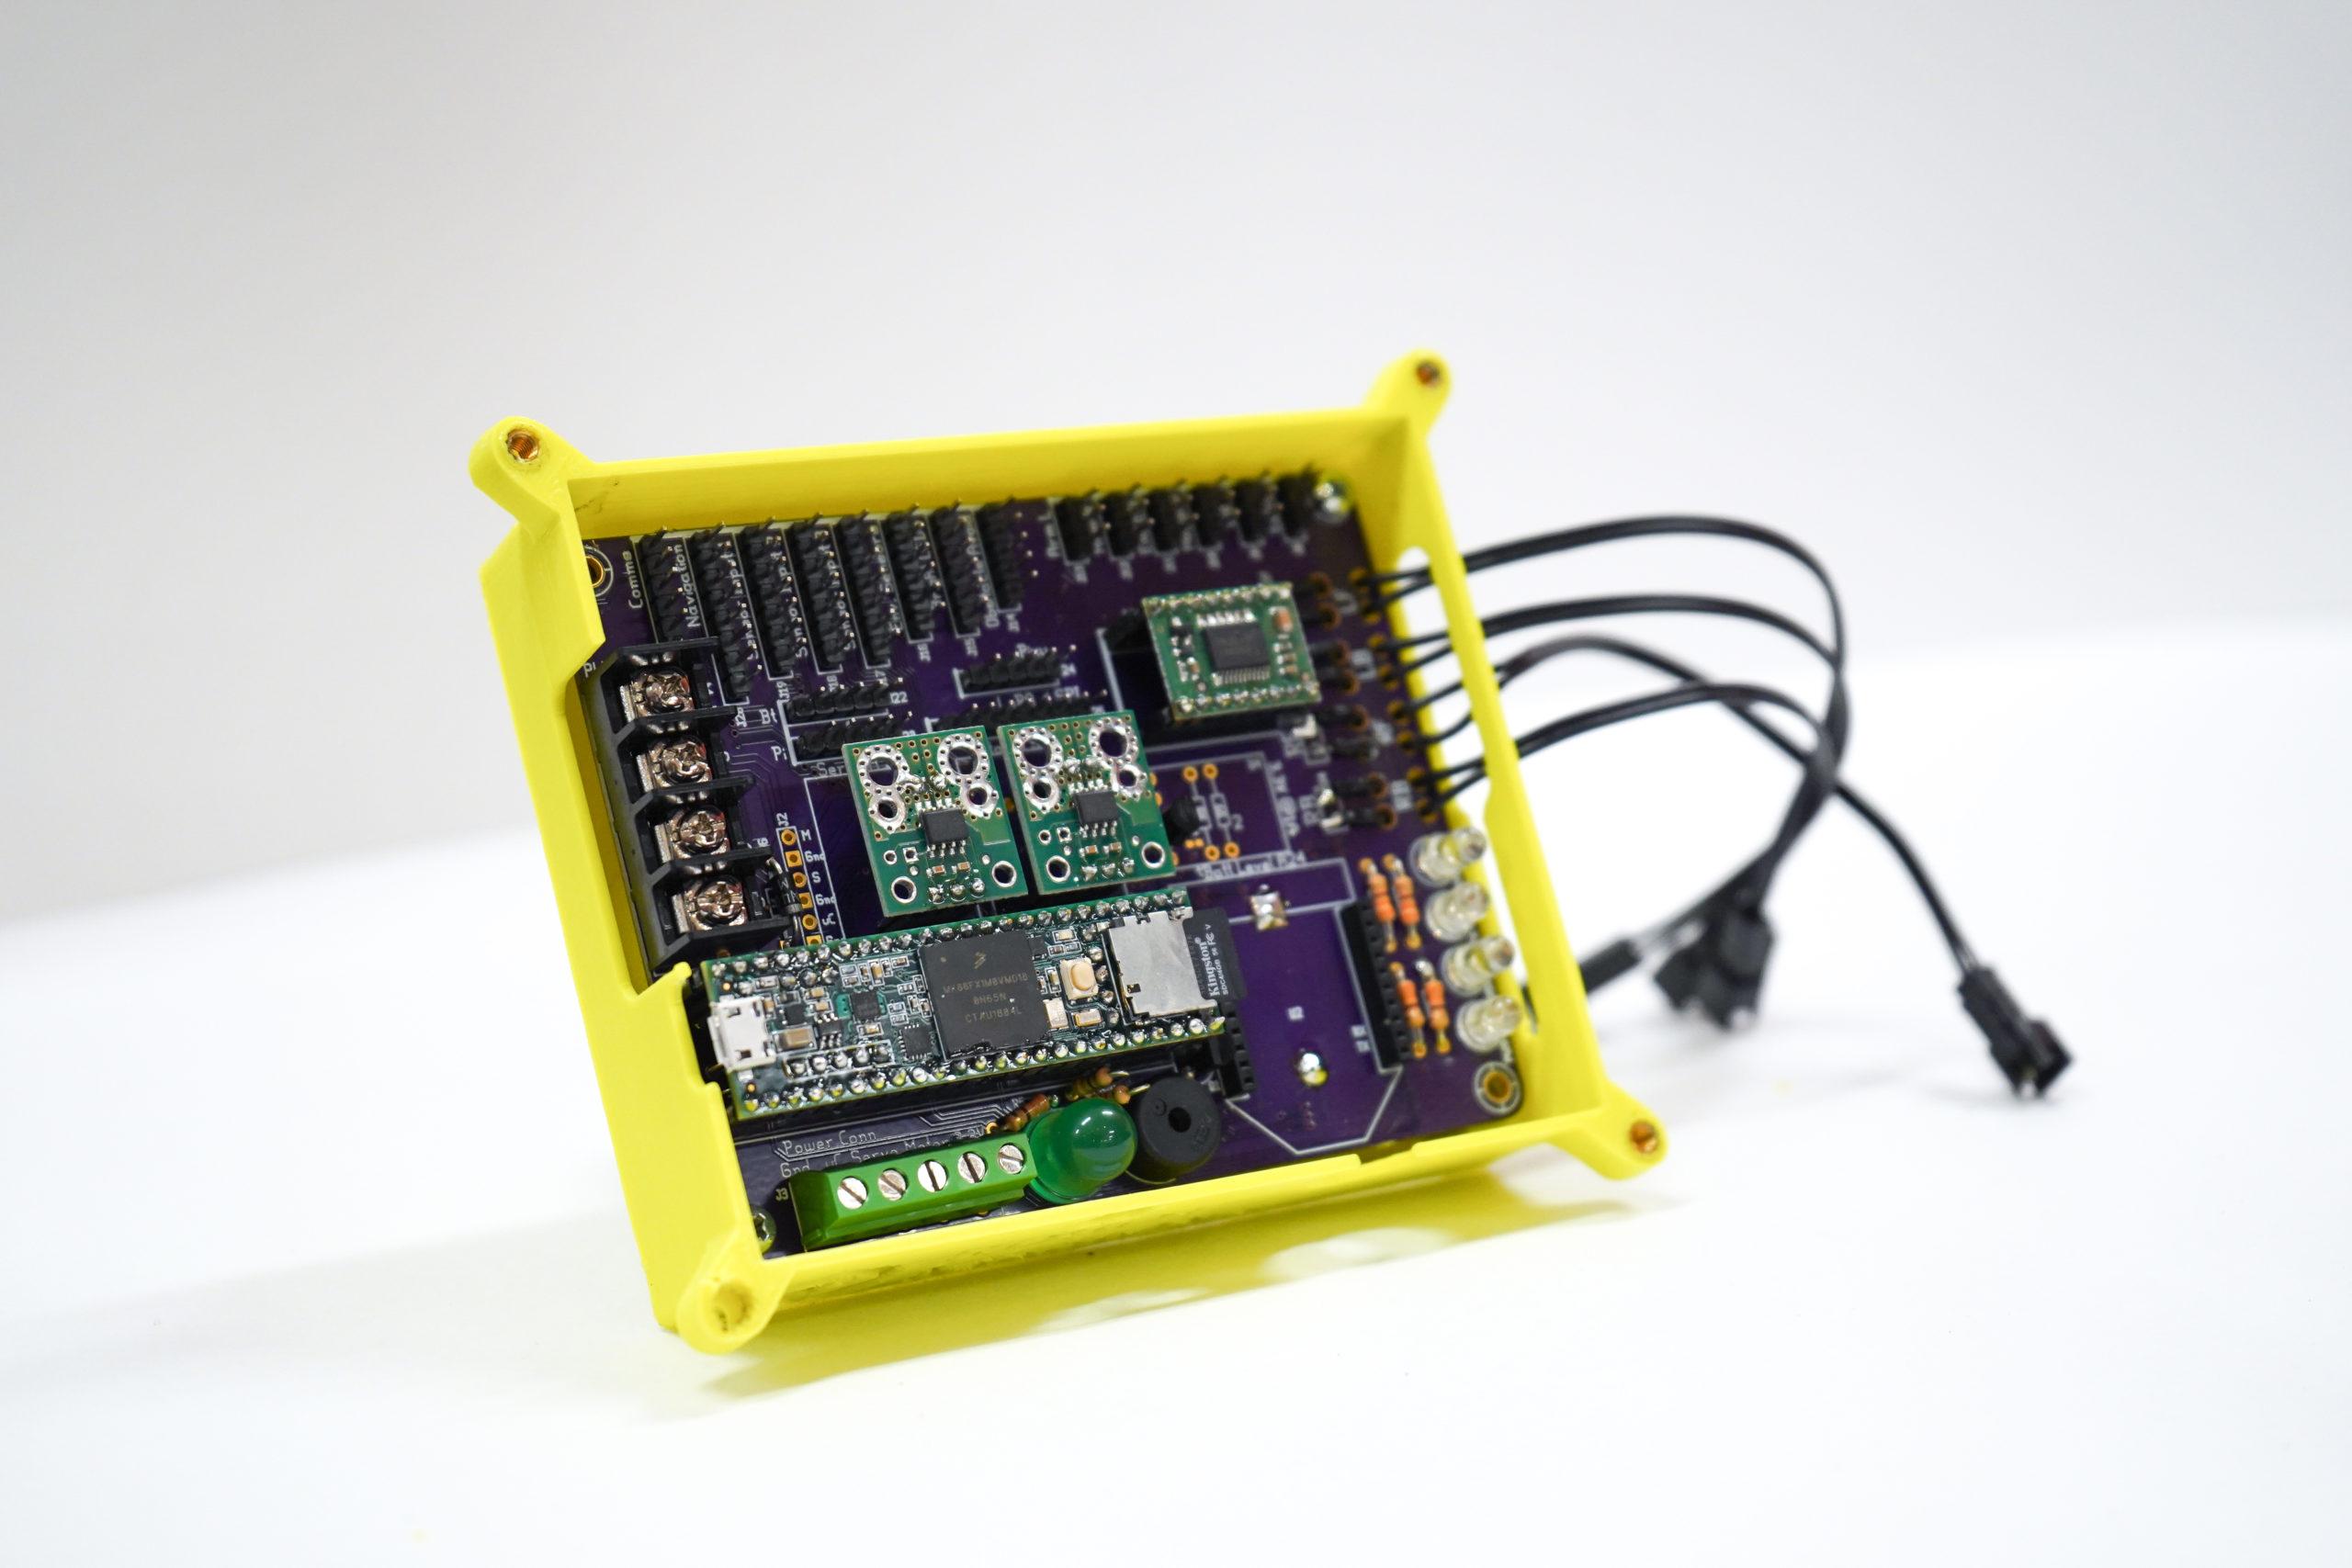 bowie_brain_board_kit_assembled01